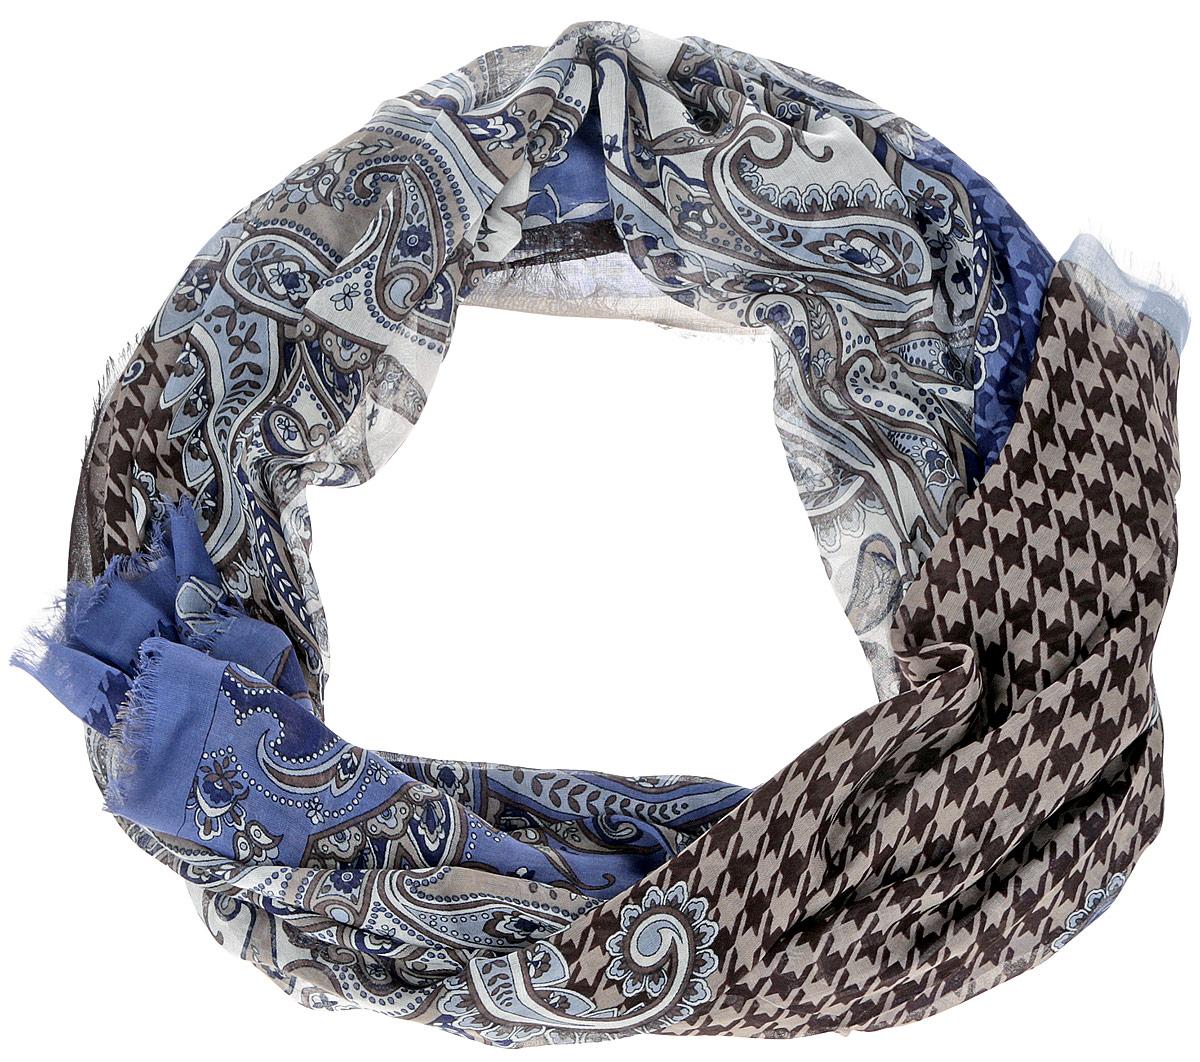 Шарф женский Leo Ventoni, цвет: коричневый, синий. CX1516-55-3. Размер 180 см х 90 смCX1516-55-3Модный женский шарф Leo Ventoni подарит вам уют и станет стильным аксессуаром, который призван подчеркнуть вашу индивидуальность и женственность. Тонкий шарф выполнен из высококачественного 100% модала, он невероятно мягкий и приятный на ощупь. Шарф оформлен тонкой бахромой по краю и украшен принтом в мелкую клетку с изображением изысканных этнических узоров.Этот модный аксессуар гармонично дополнит образ современной женщины, следящей за своим имиджем и стремящейся всегда оставаться стильной и элегантной. Такой шарф украсит любой наряд и согреет вас в непогоду, с ним вы всегда будете выглядеть изысканно и оригинально.